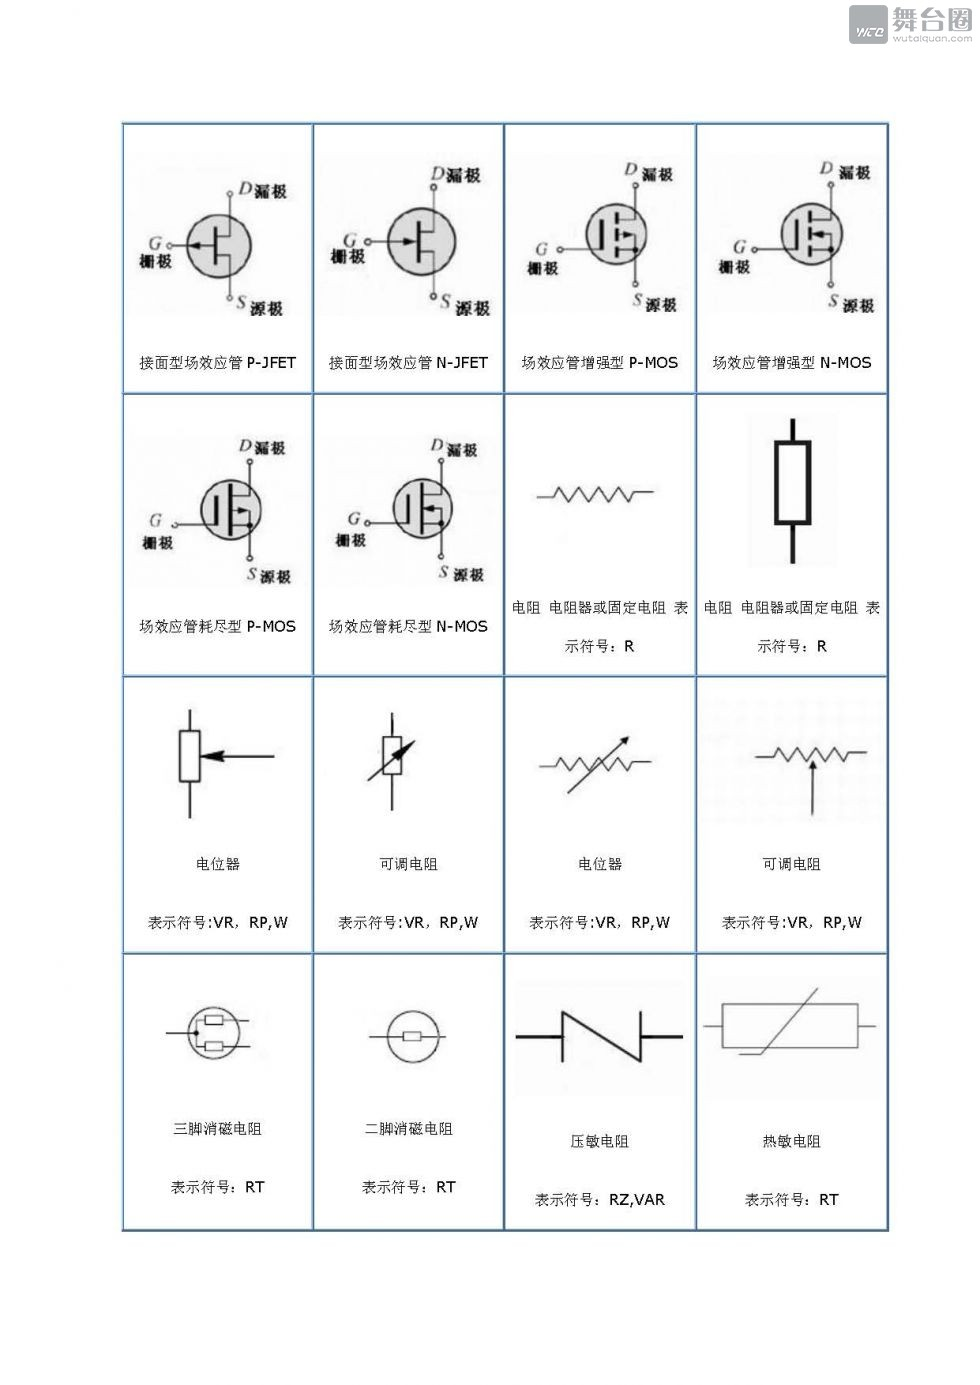 电子元件符号大全_页面_03.jpg